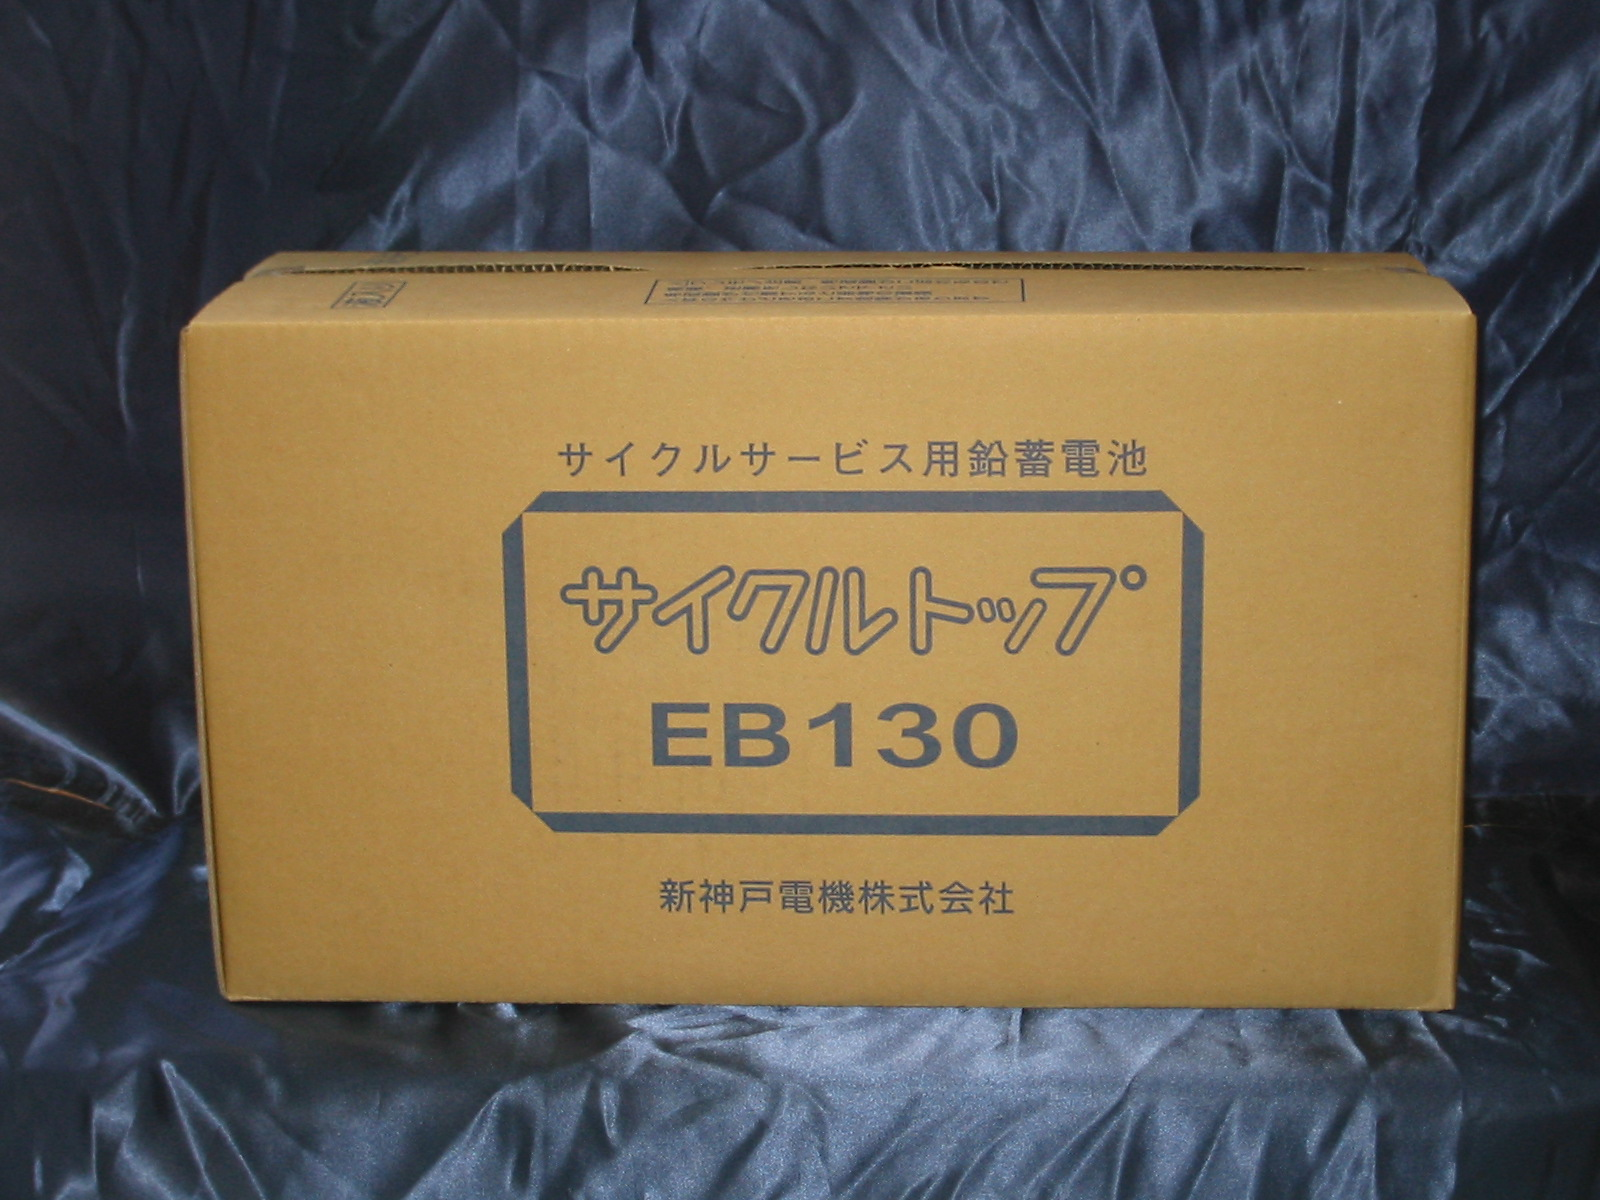 日立化成 EB130ディープサイクルバッテリー鉛蓄電池